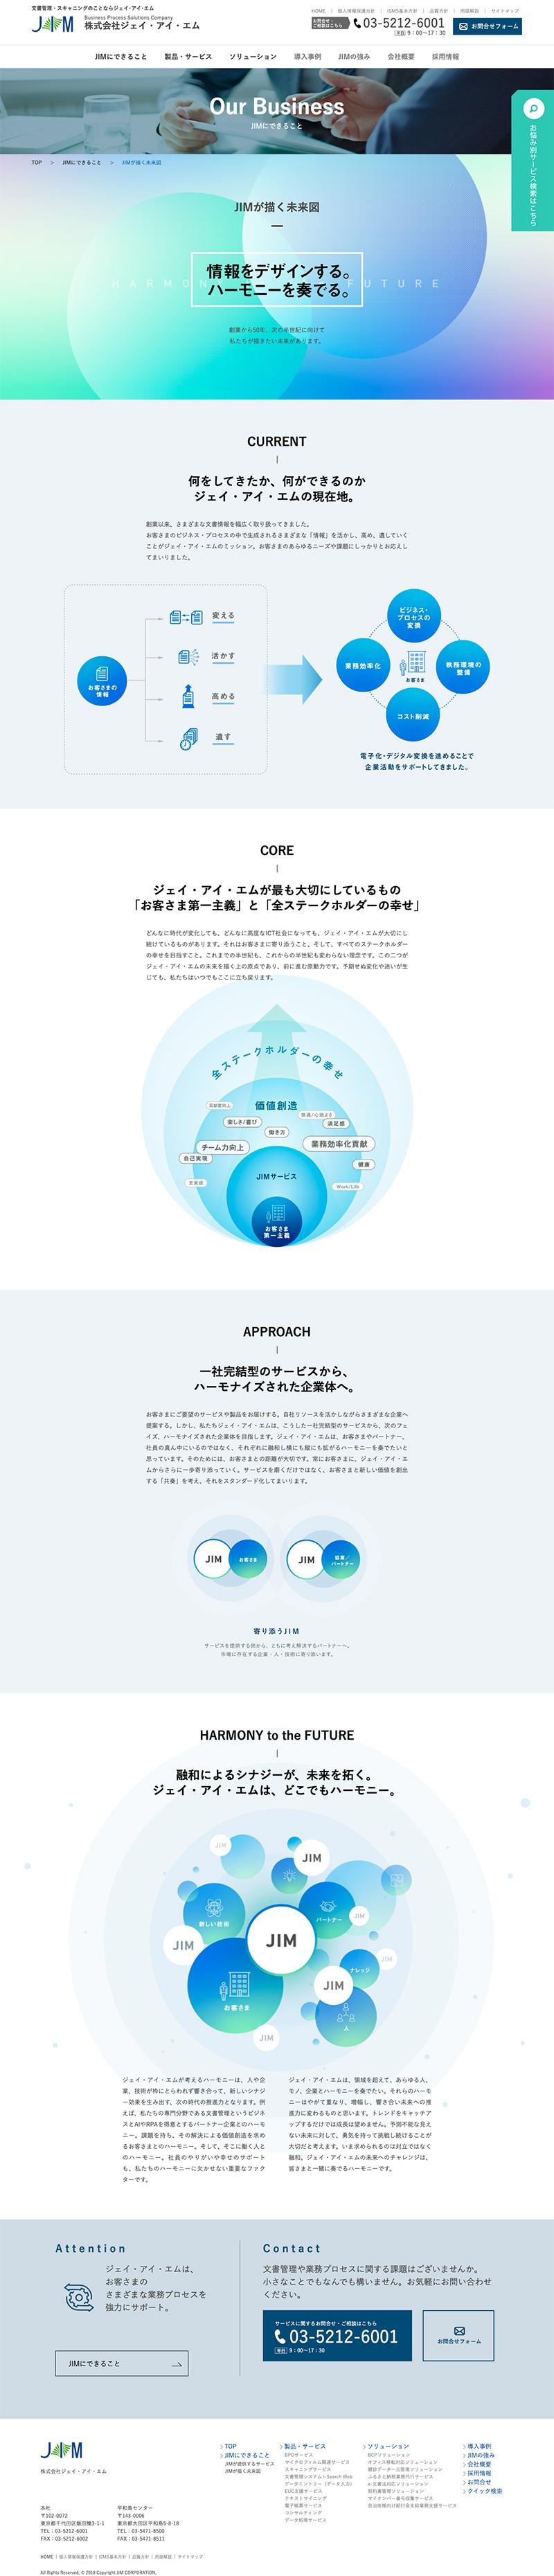 株式会社ジェイ・アイ・エム様・Webサイト